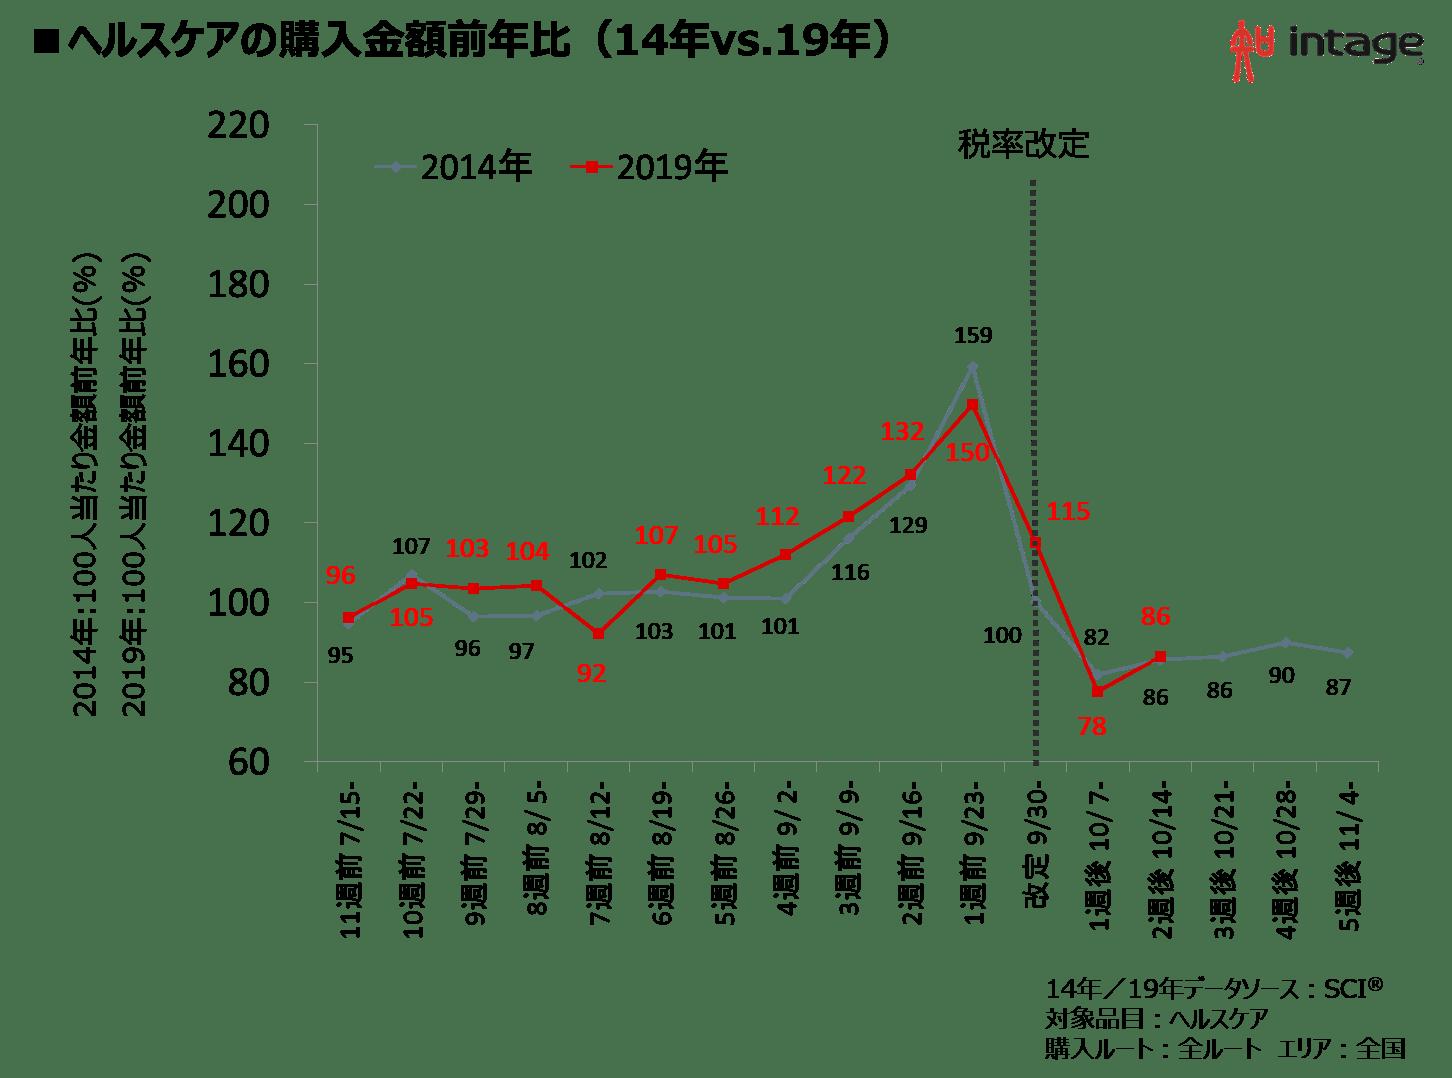 ヘルスケアの購入金額前年比(14年vs.19年)